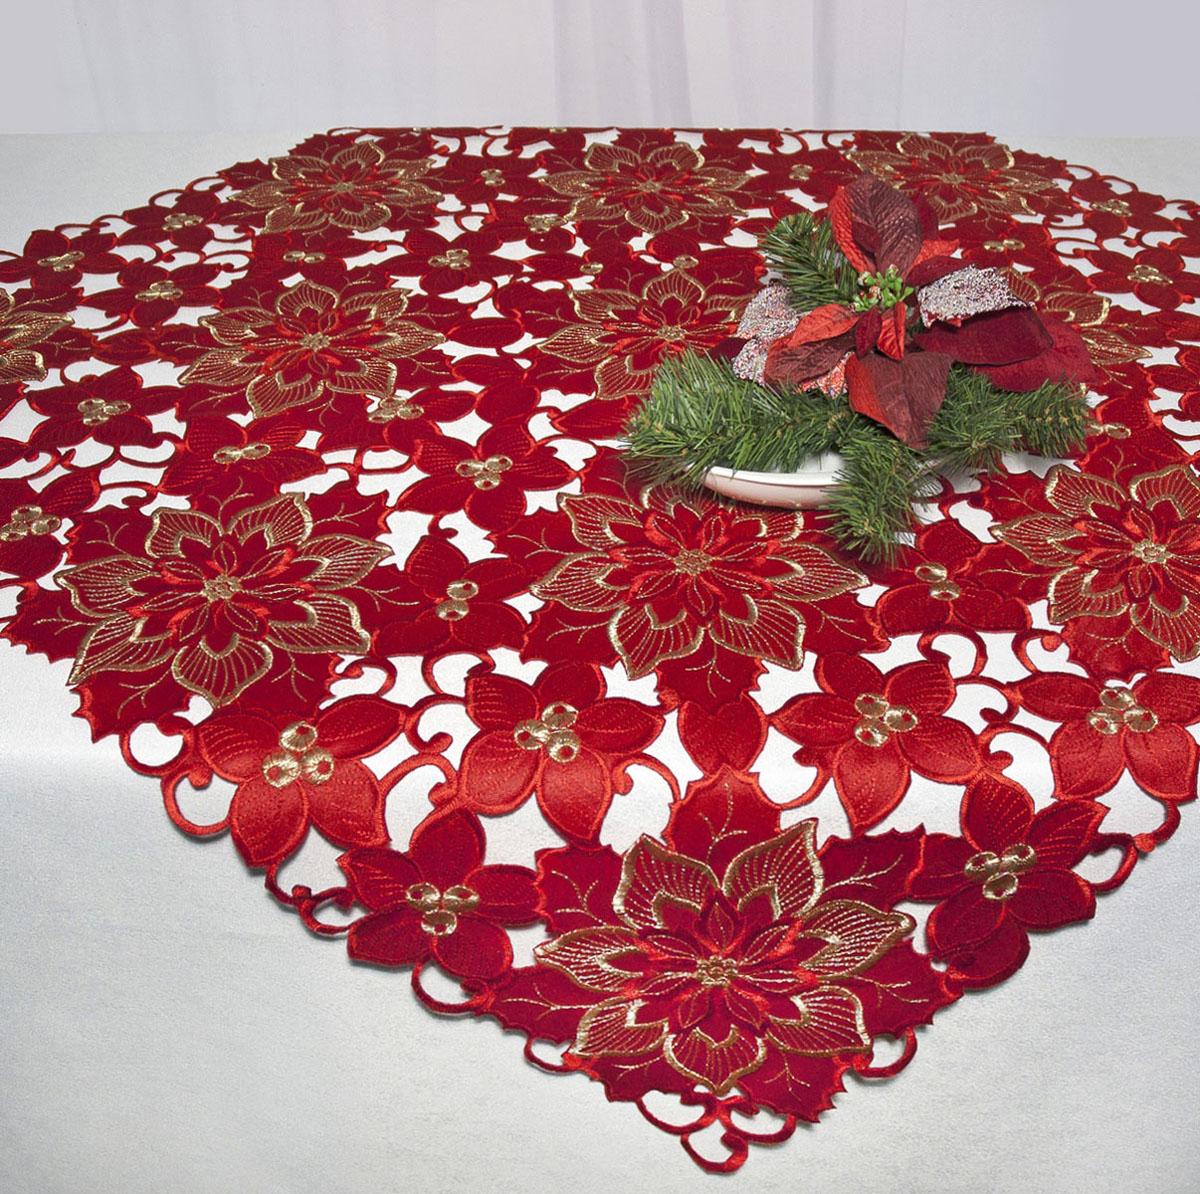 Скатерть Schaefer, квадратная, цвет: красный, 85x 85 см. 07482-10007482-100Скатерть Schaefer изготовлена из полиэстера и декорирована вышитыми в технике ришелье цветами.Изделия из полиэстера легко стирать: они не мнутся, не садятся и быстро сохнут, они более долговечны, чем изделия из натуральных волокон. Кроме того, ткань обладает водоотталкивающими свойствами. Такая скатерть будет просто не заменима на кухне, а особенно на вашем обеденном столе на даче под открытым небом. Скатерть Schaefer не останется без внимания ваших гостей, а вас будет ежедневно радовать ярким дизайном и несравненным качеством.Немецкая компания Schaefer создана в 1921 году. На протяжении всего времени существования она создает уникальные коллекции домашнего текстиля для гостиных, спален, кухонь и ванных комнат. Дизайнерские идеи немецких художников компании Schaefer воплощаются в текстильных изделиях, которые сделают ваш дом красивее и уютнее и не останутся незамеченными вашими гостями. Дарите себе и близким красоту каждый день! Изысканный текстиль от немецкой компании Schaefer - это красота, стиль и уют в вашем доме.